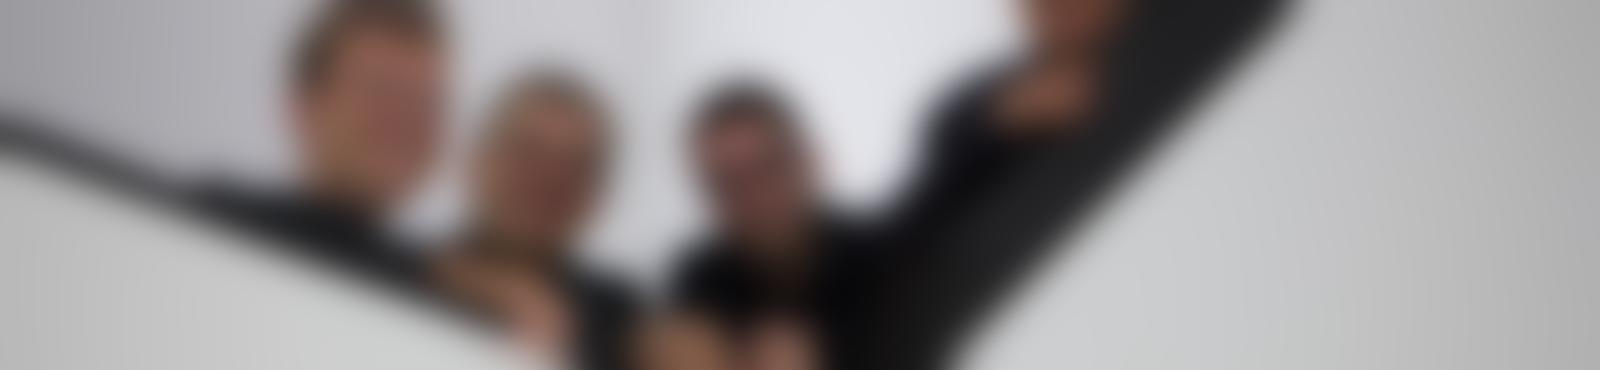 Blurred f98c04a6 d1e3 4abd 99c1 904d6838872a